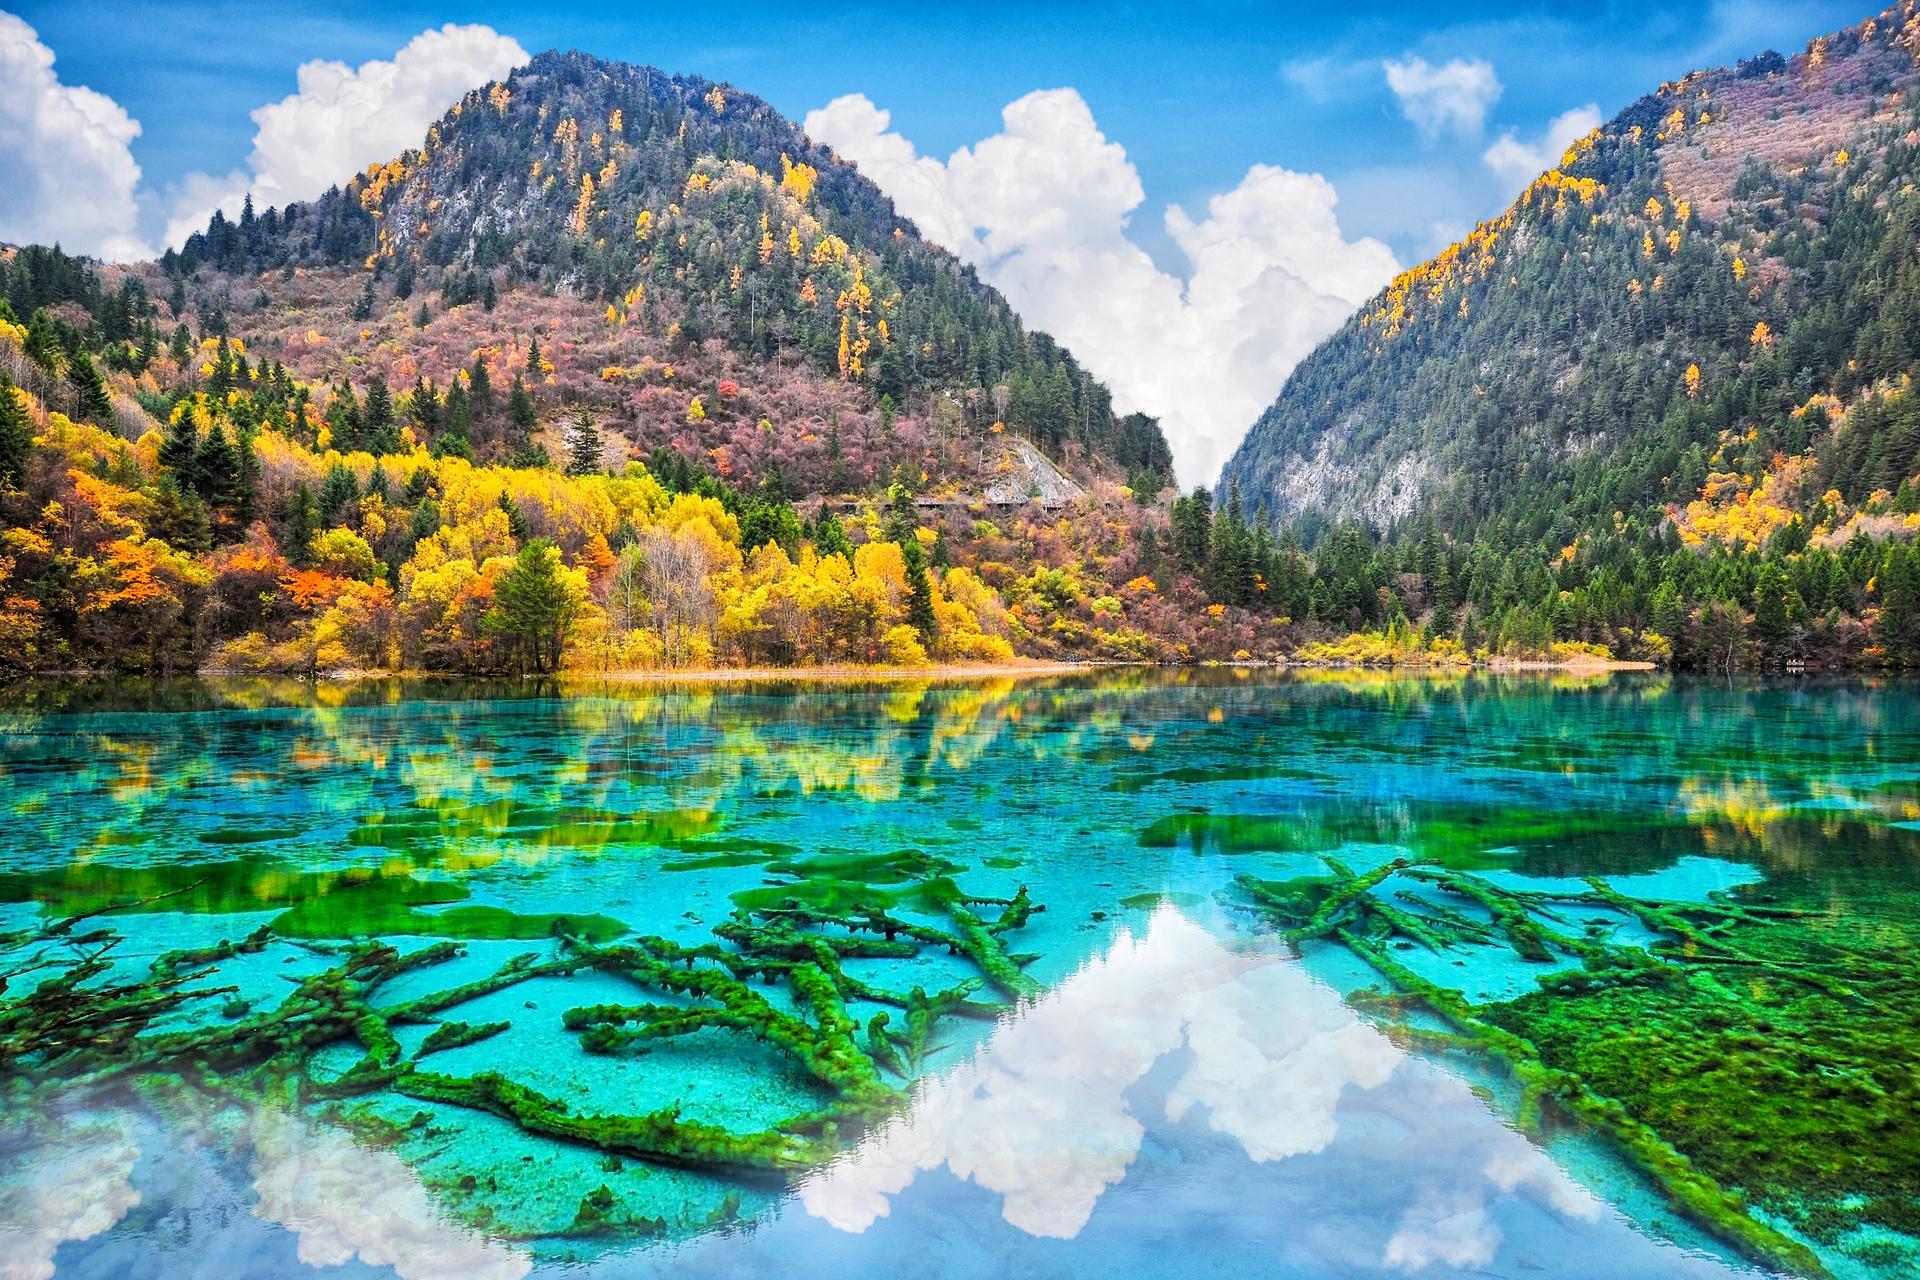 פוטו מקומות שחייבים להיות בהם נהר חמשת הפרחים סין